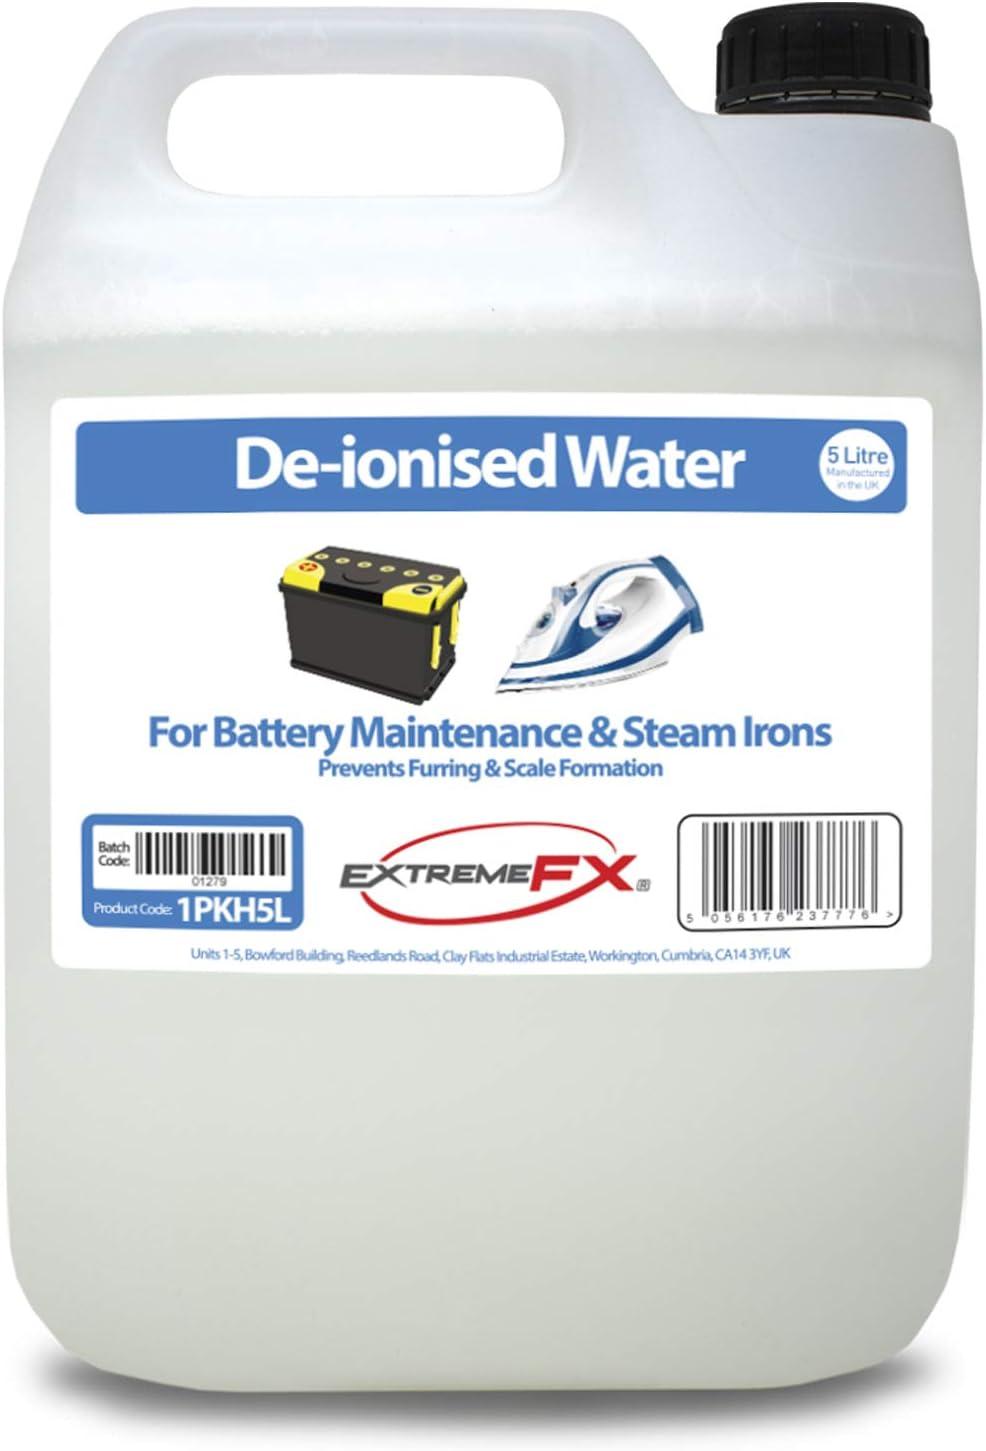 Agua desionizada 5 litros – Recarga de agua mineralizada – Agua demi – Adecuado para mantenimiento de baterías, planchas de vapor, radiadores de coche, fuentes, etc.: Amazon.es: Coche y moto